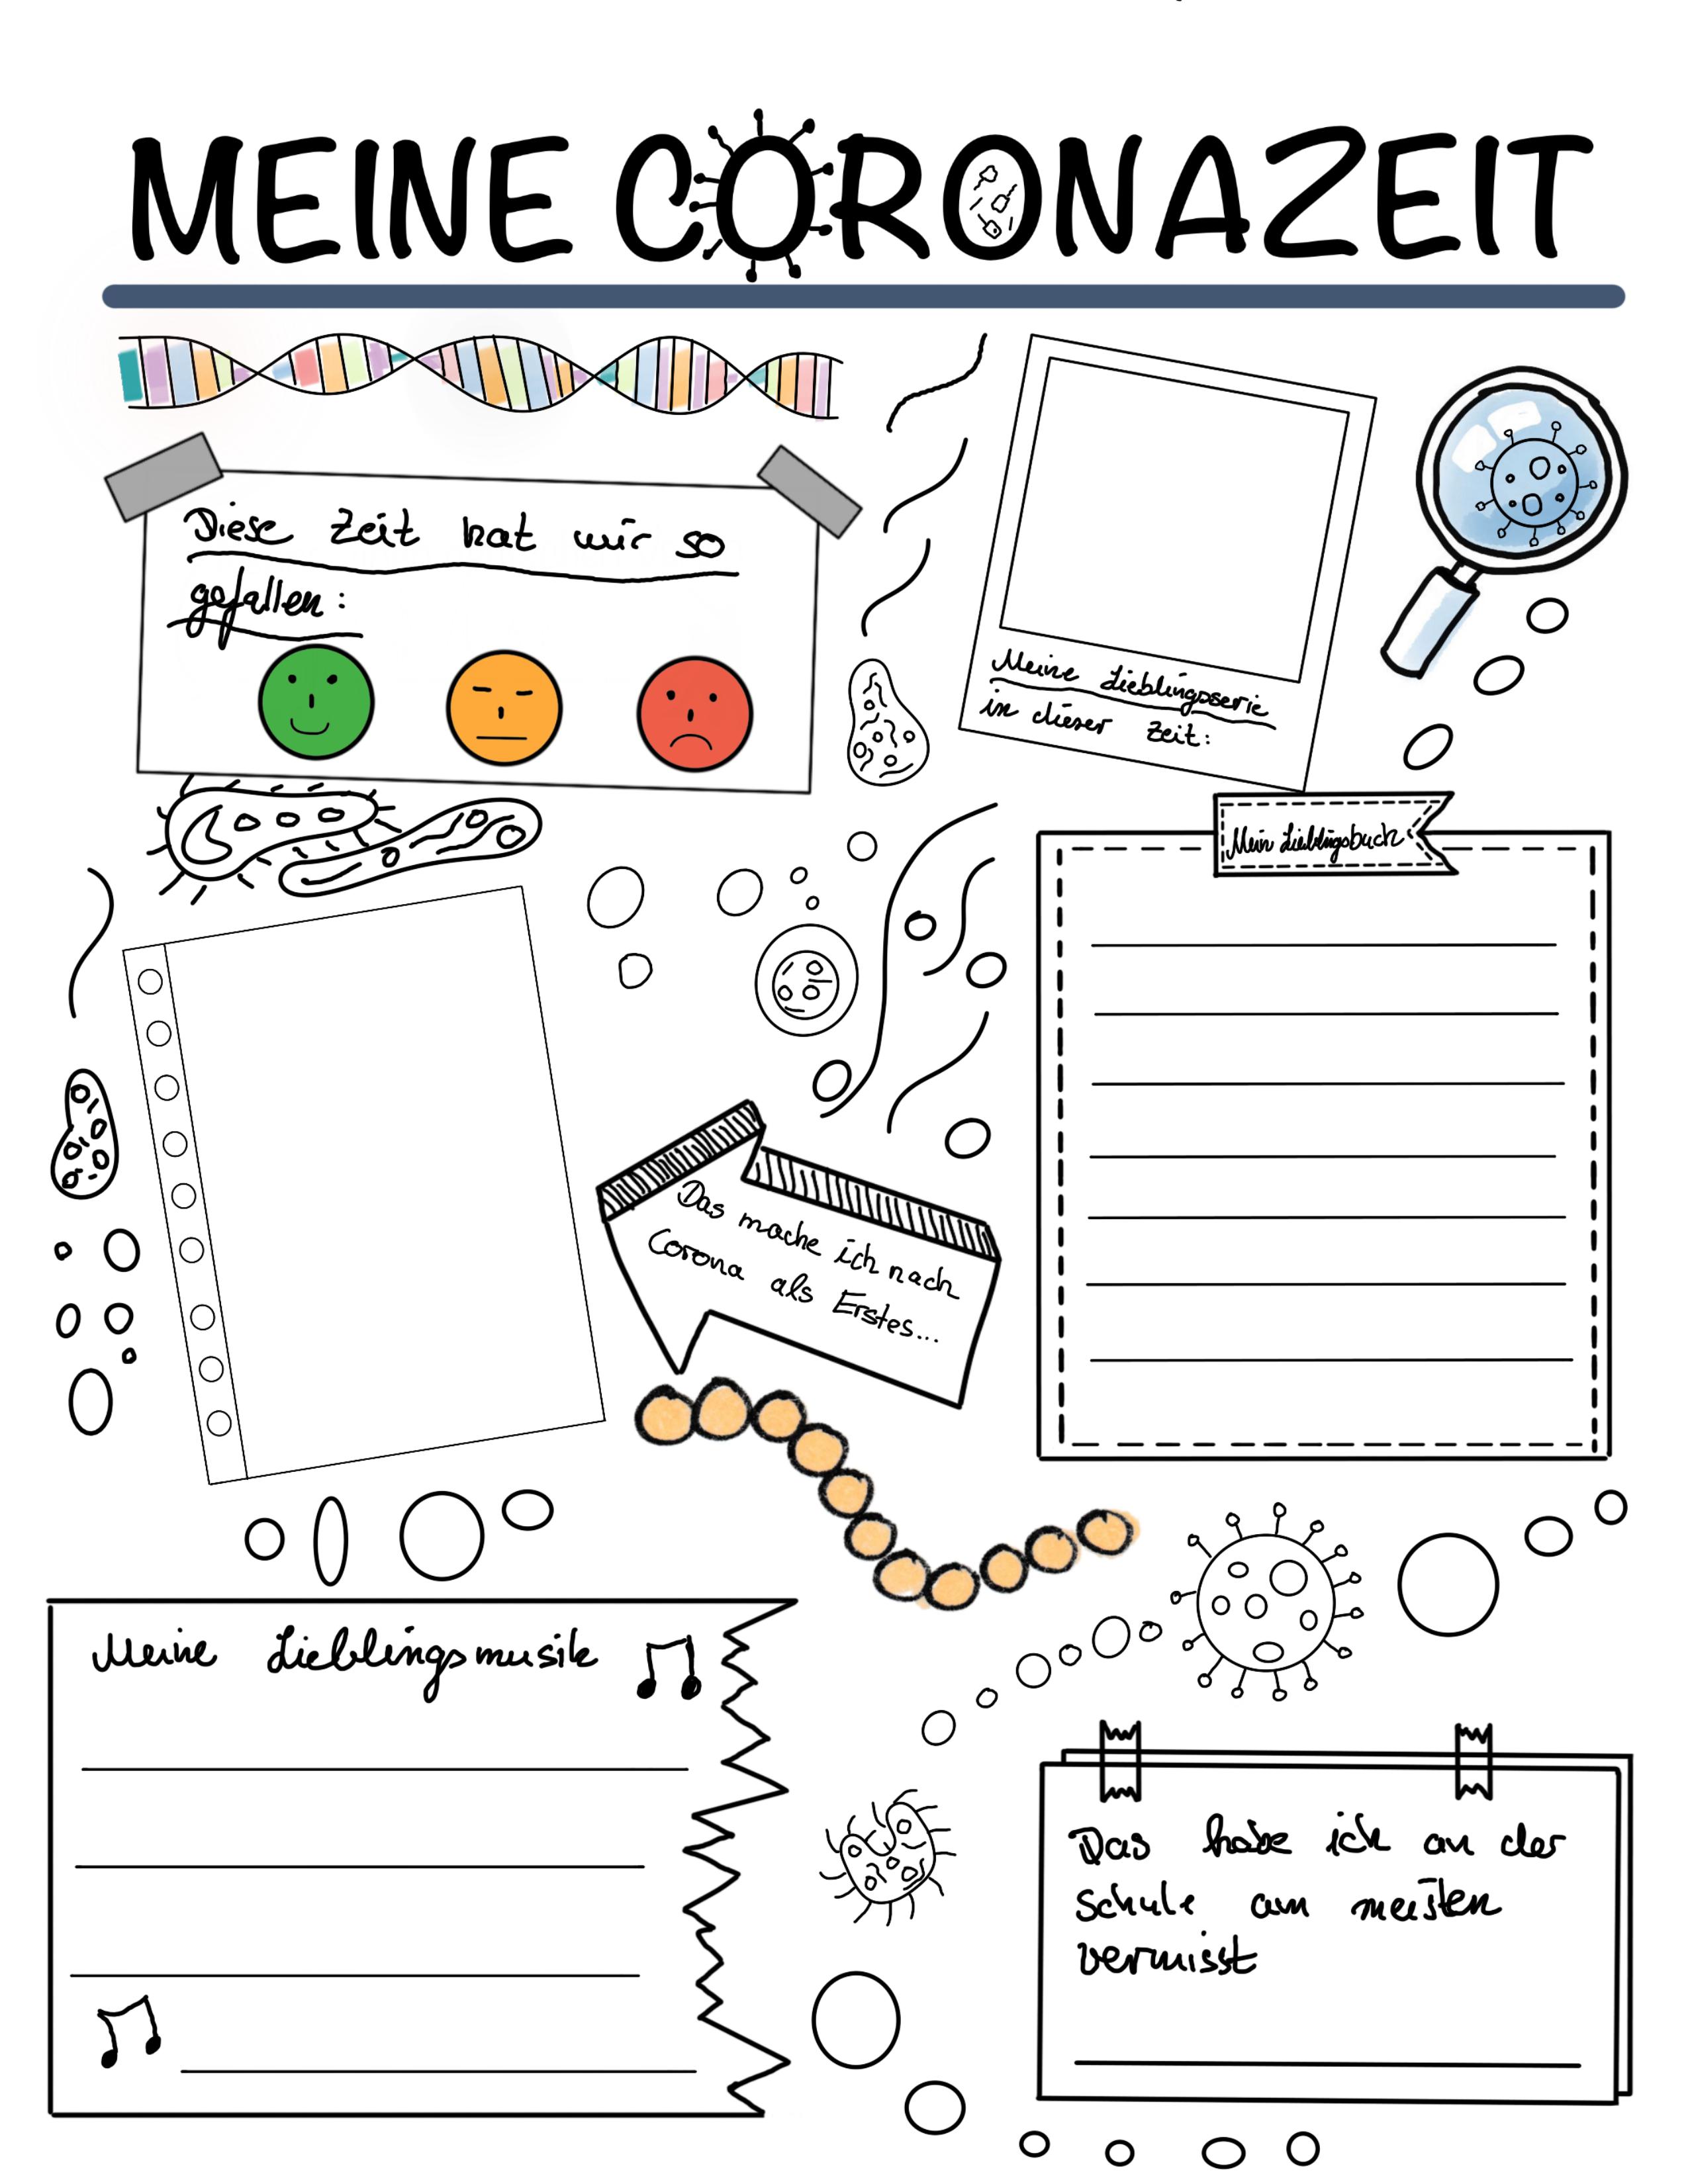 Meine Coronazeit Unterrichtsmaterial In Den Fachern Deutsch Fachubergreifendes Vorschullieder Schulposter Unterrichtsmaterial